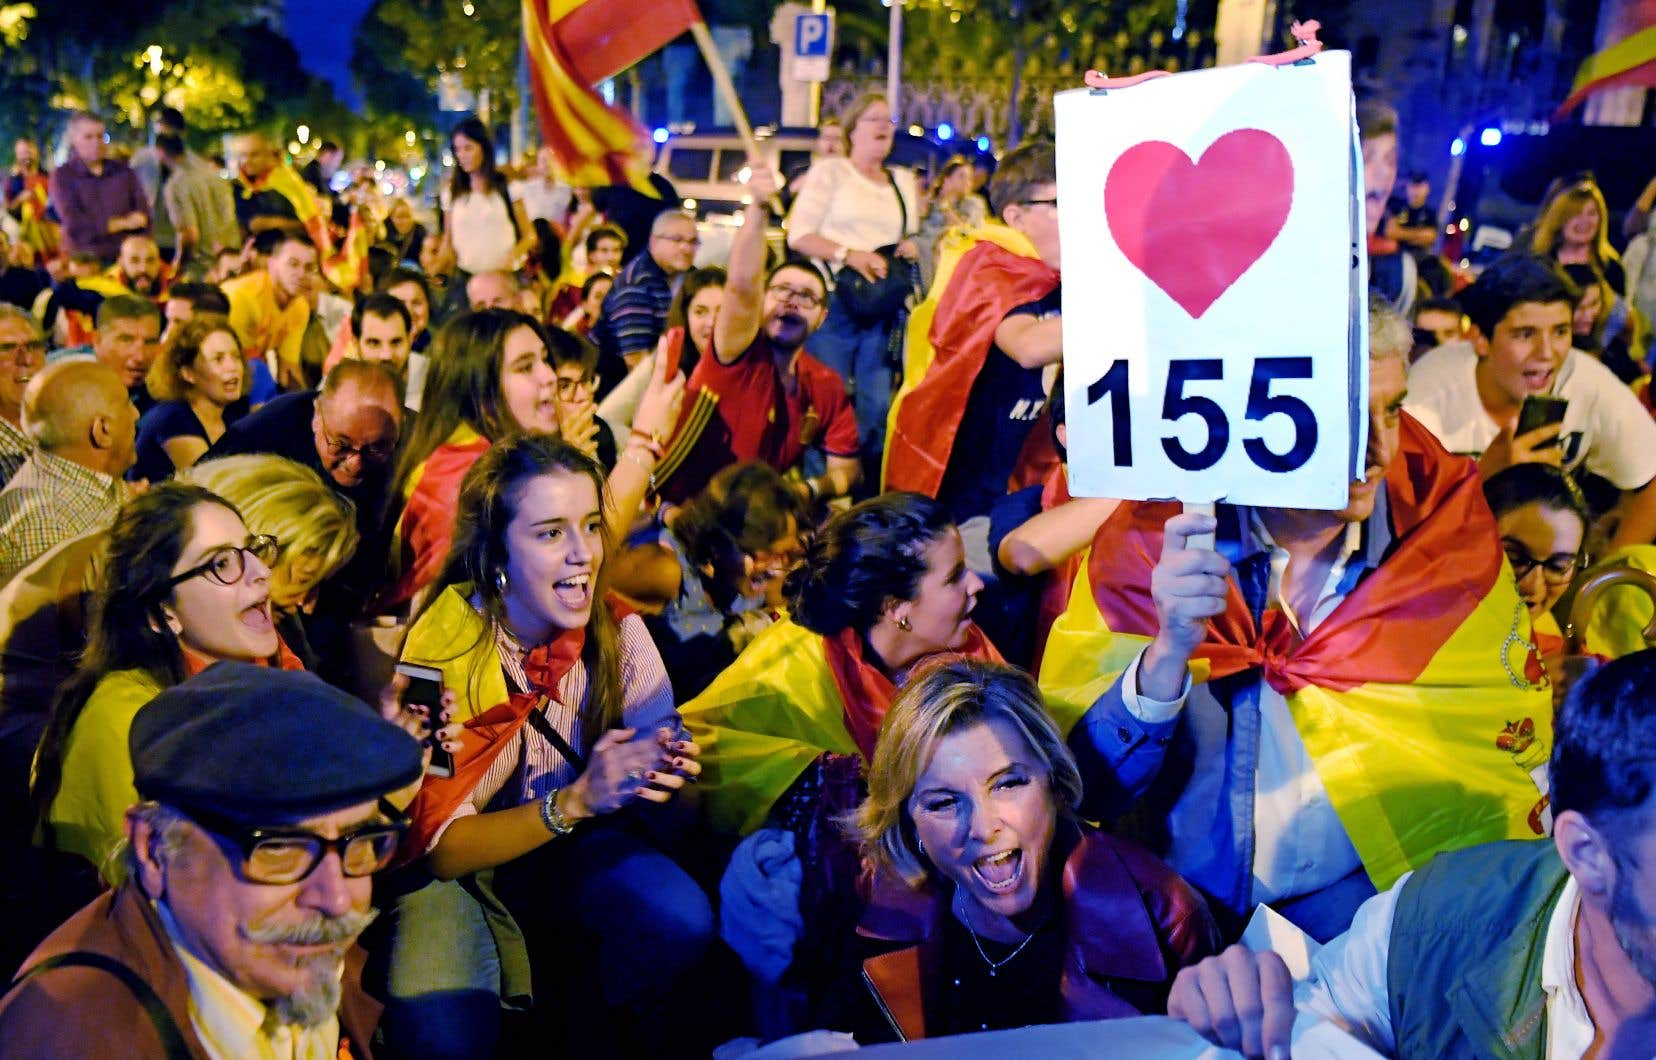 Des partisans de l'unité espagnole dans une manifestation à Barcelone — le «155» de la pancarte fait référence à un article de la Constitution qui donne au gouvernement central le droit de prendre la direction d'une communauté autonome.